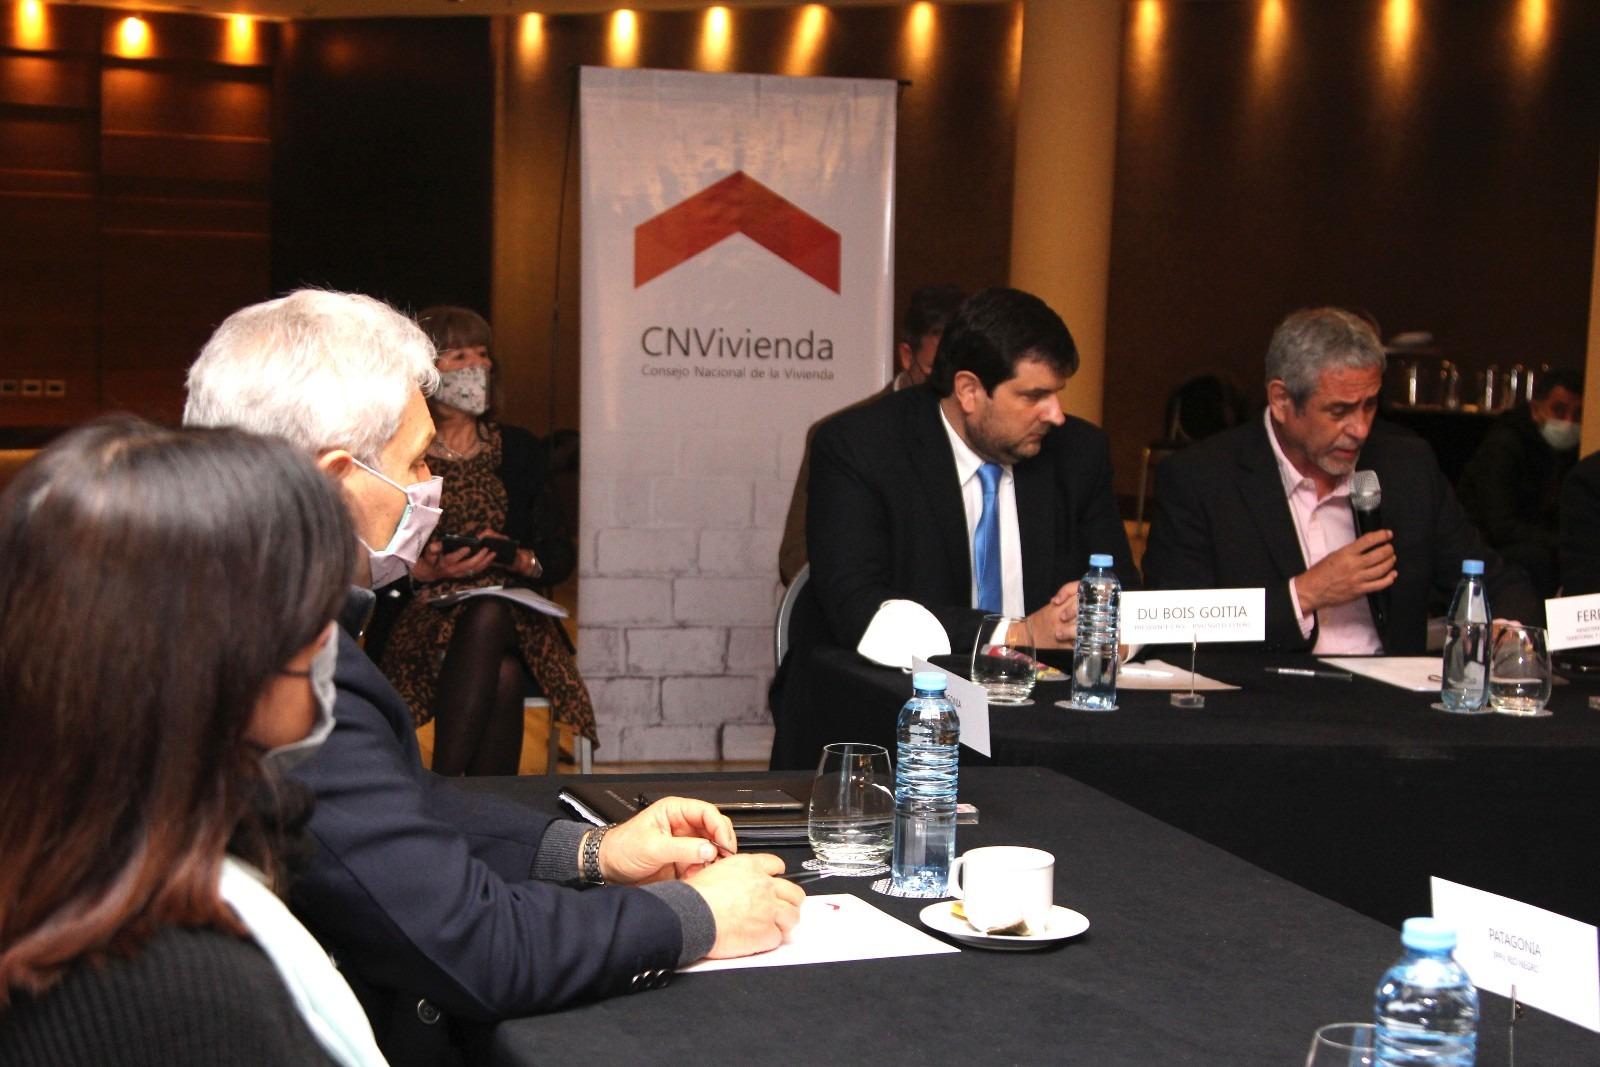 El presidente del IPAV, Jorge Lezcano participó de la asamblea del Consejo Nacional de la Vivienda